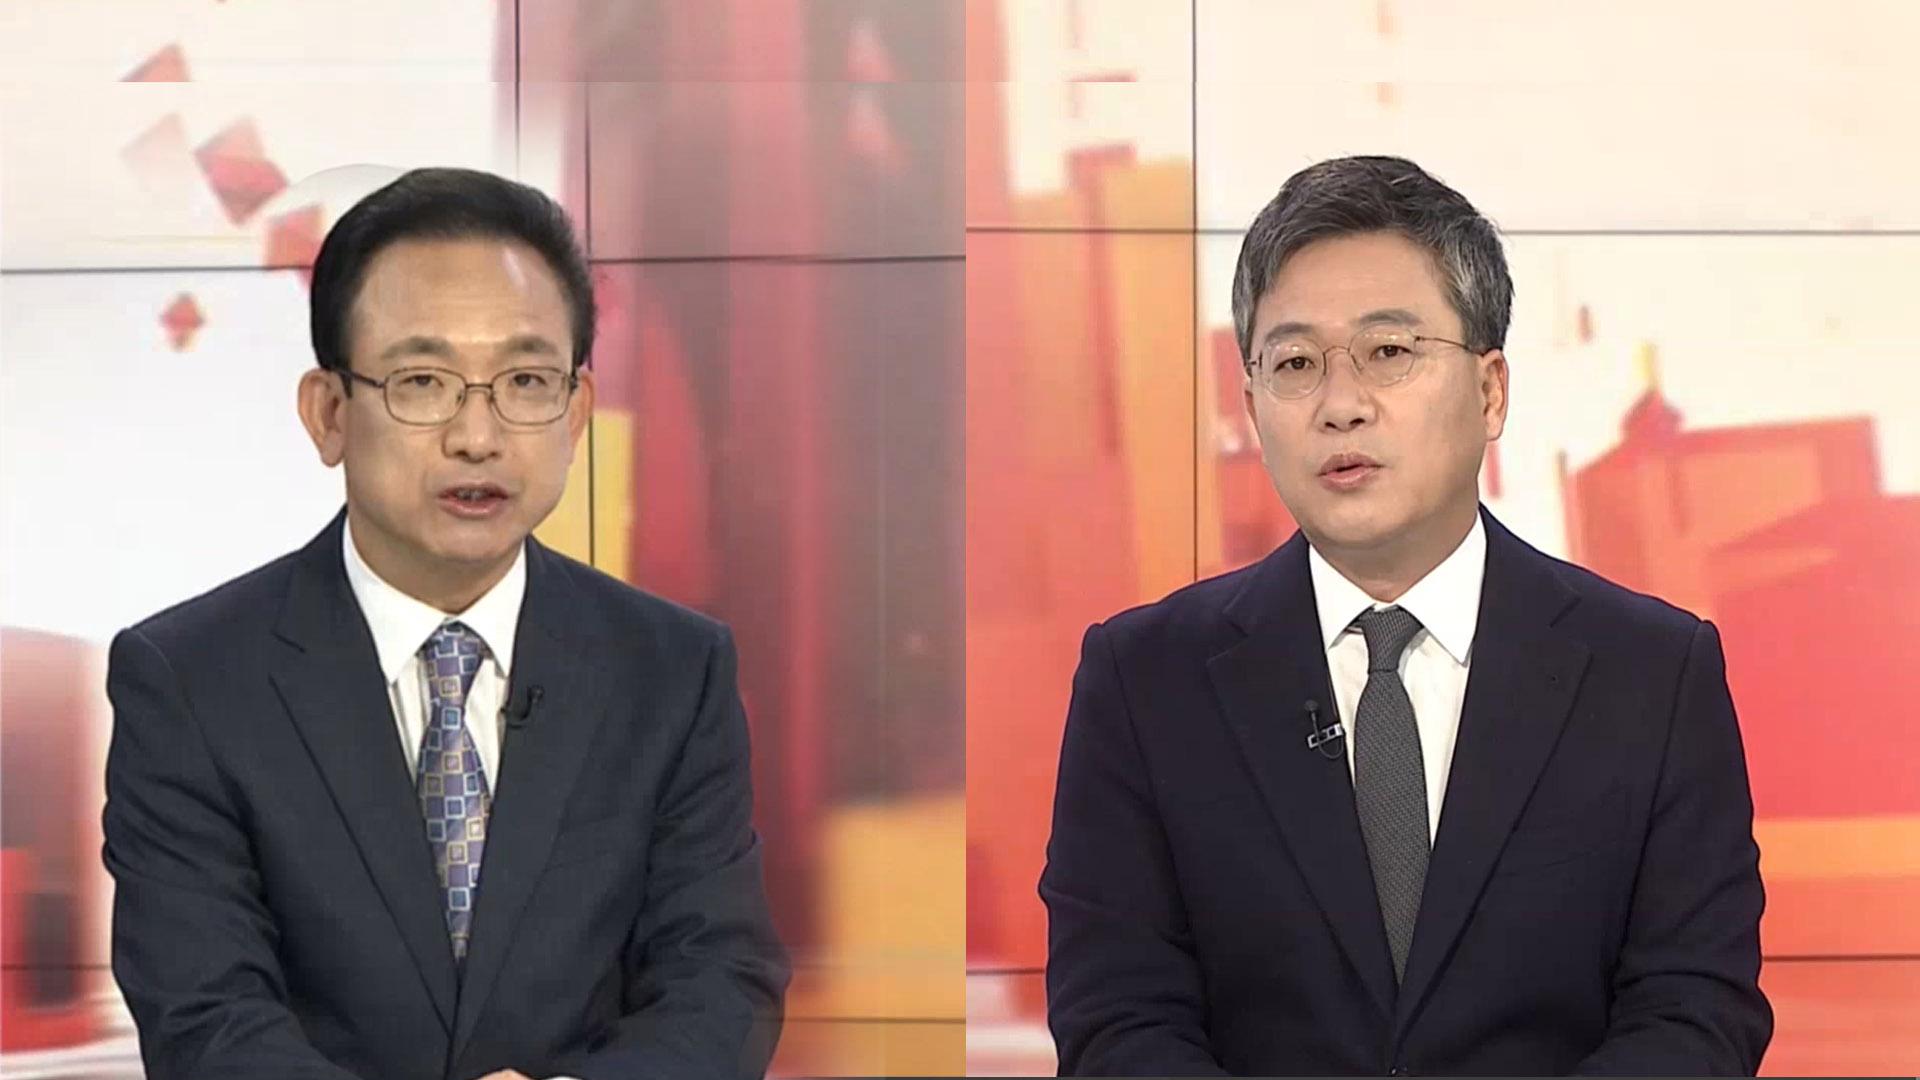 [뉴스초점] 이재명-이낙연 오늘 회동…윤석열 '반려견 사과' 파장